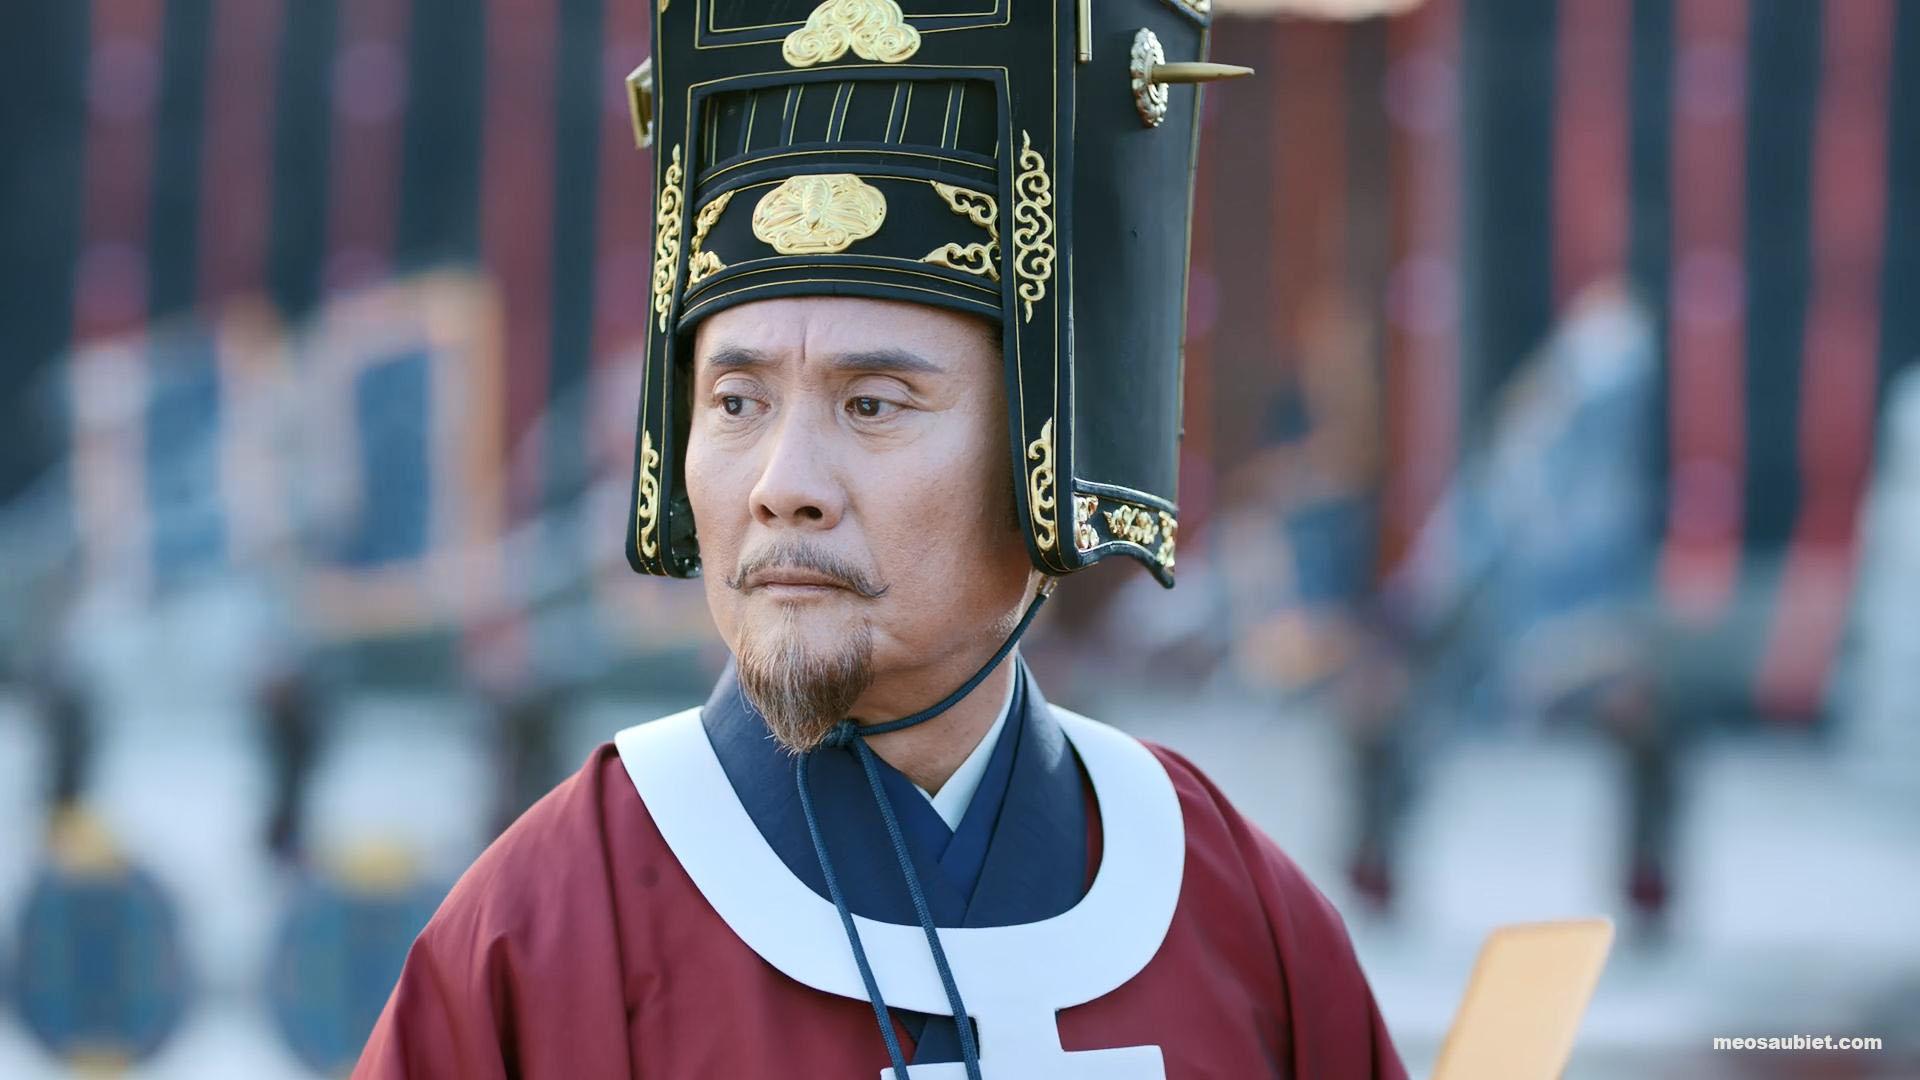 Hạc Lệ Hoa Đình 2019 Trương Chí Kiên trong vai Trung thư lệnh Lý Bách Châu